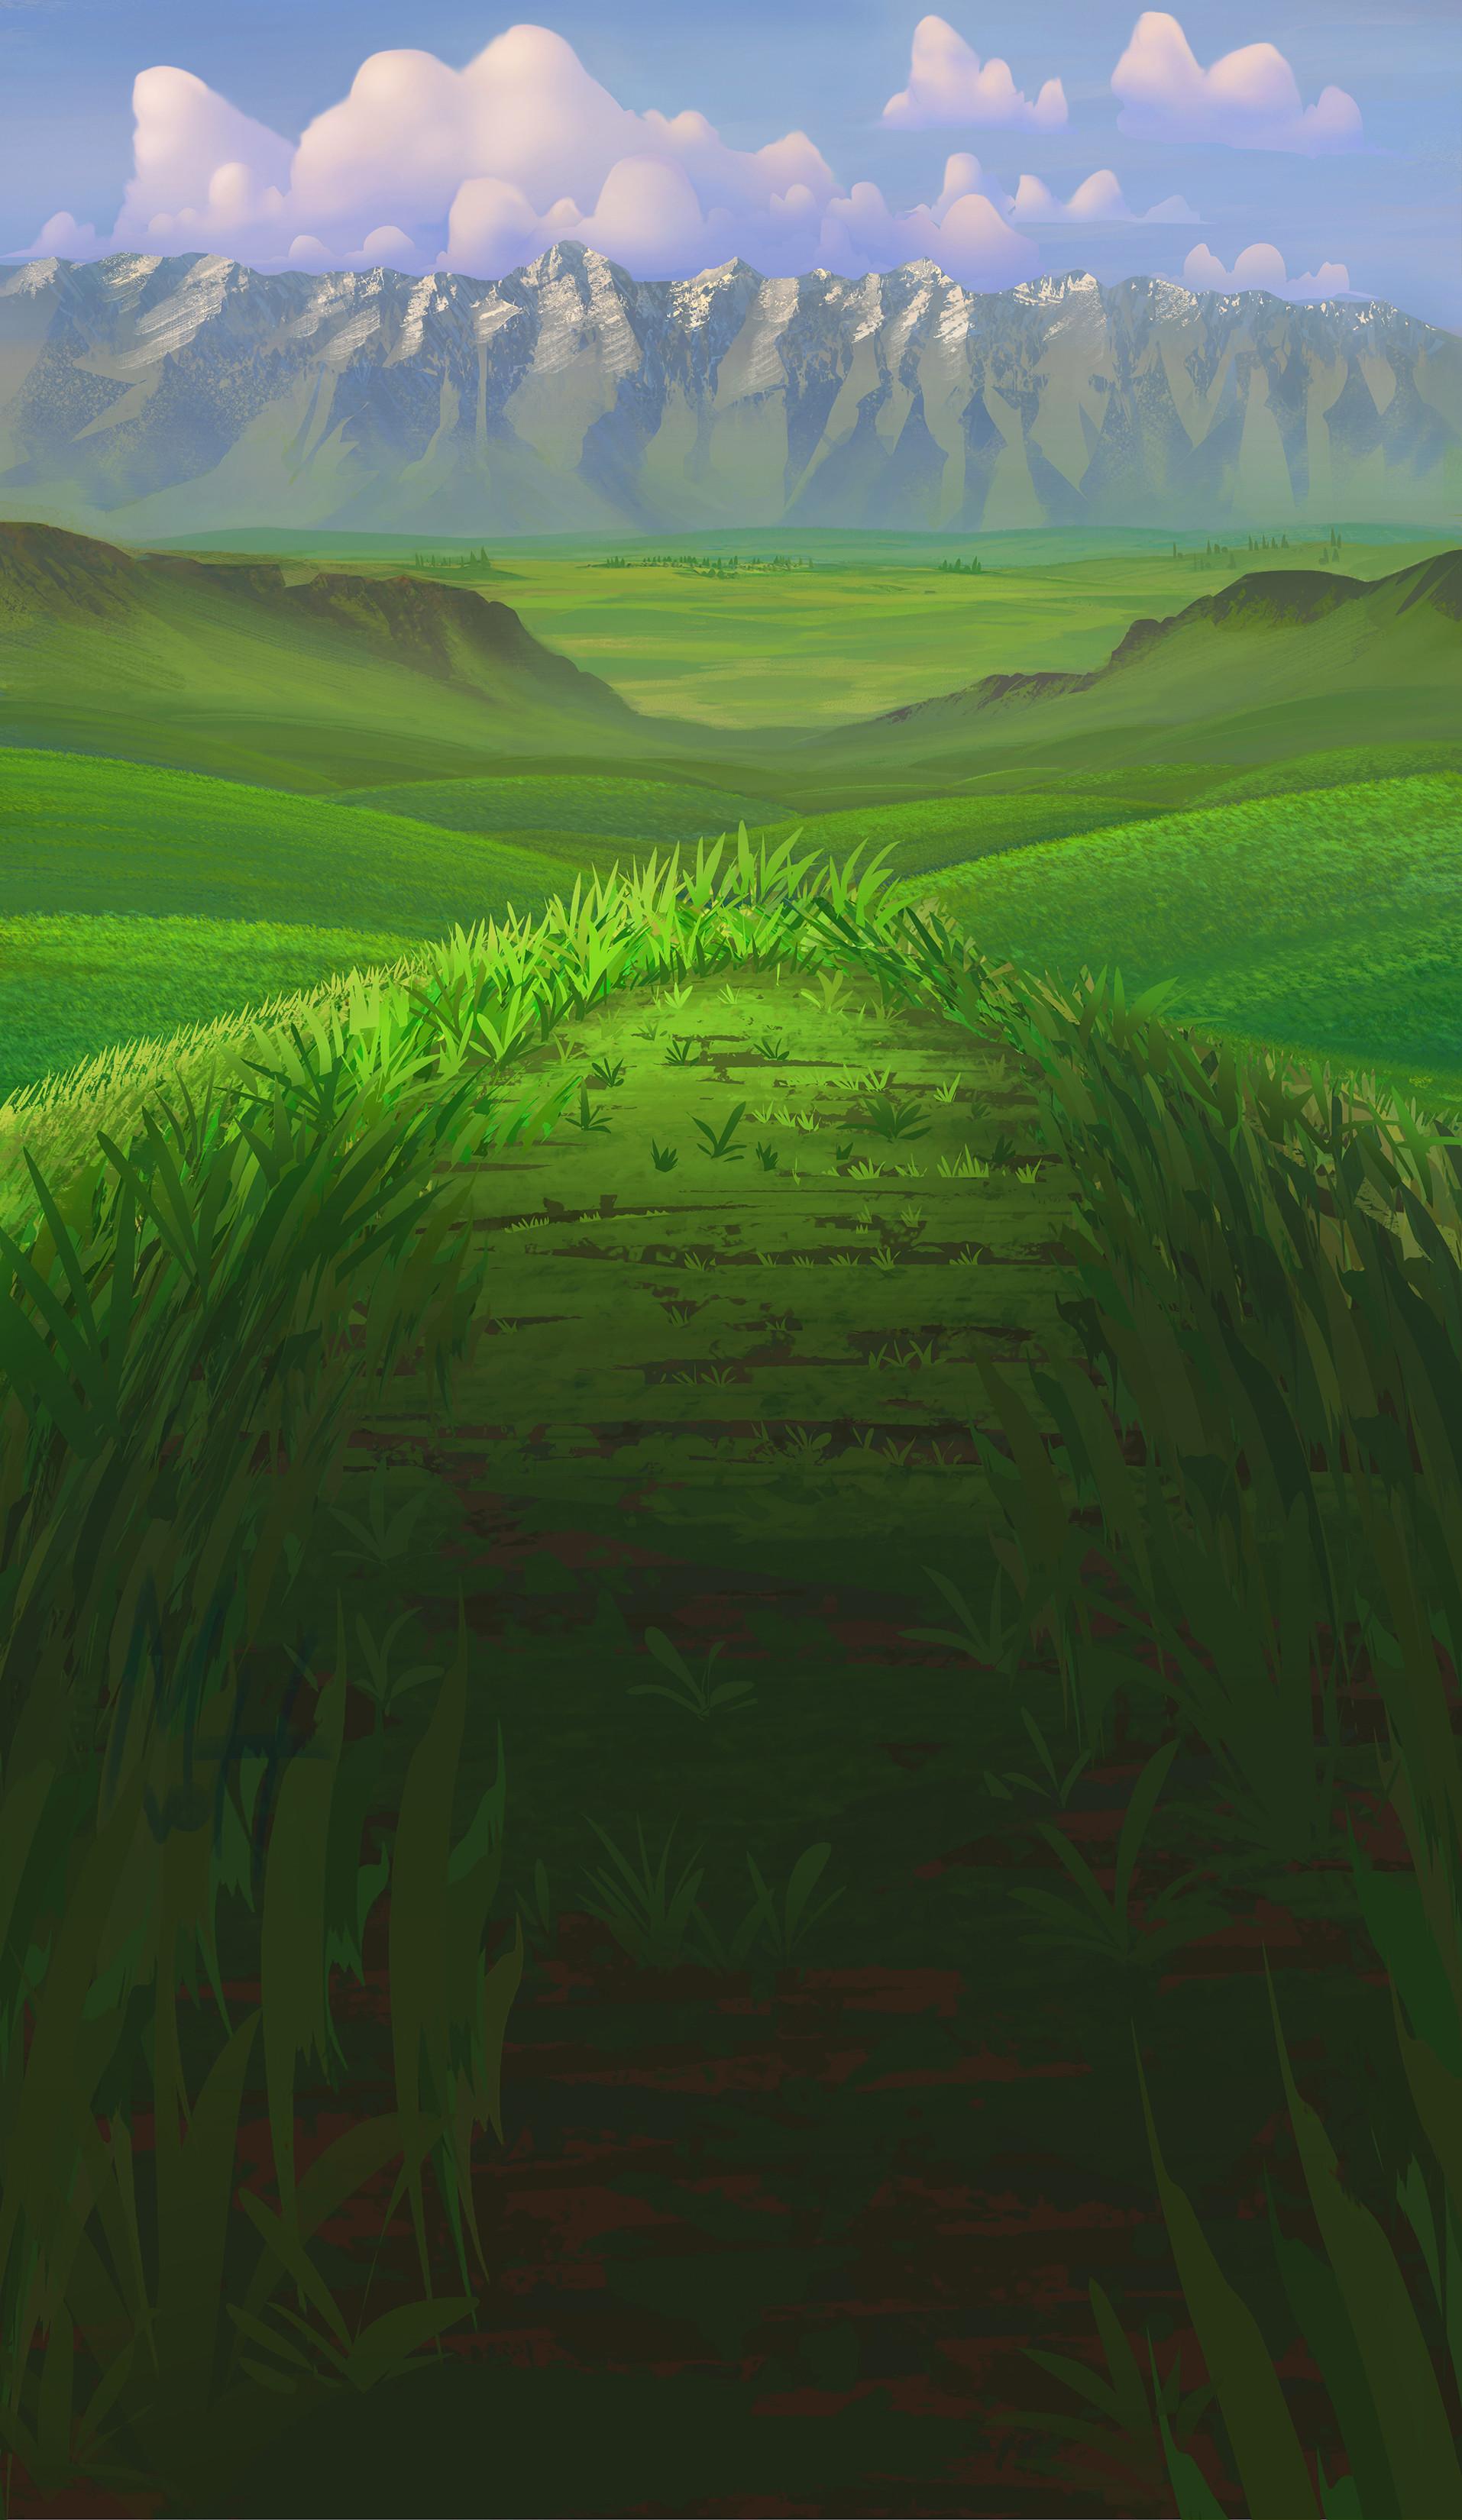 Grassplains